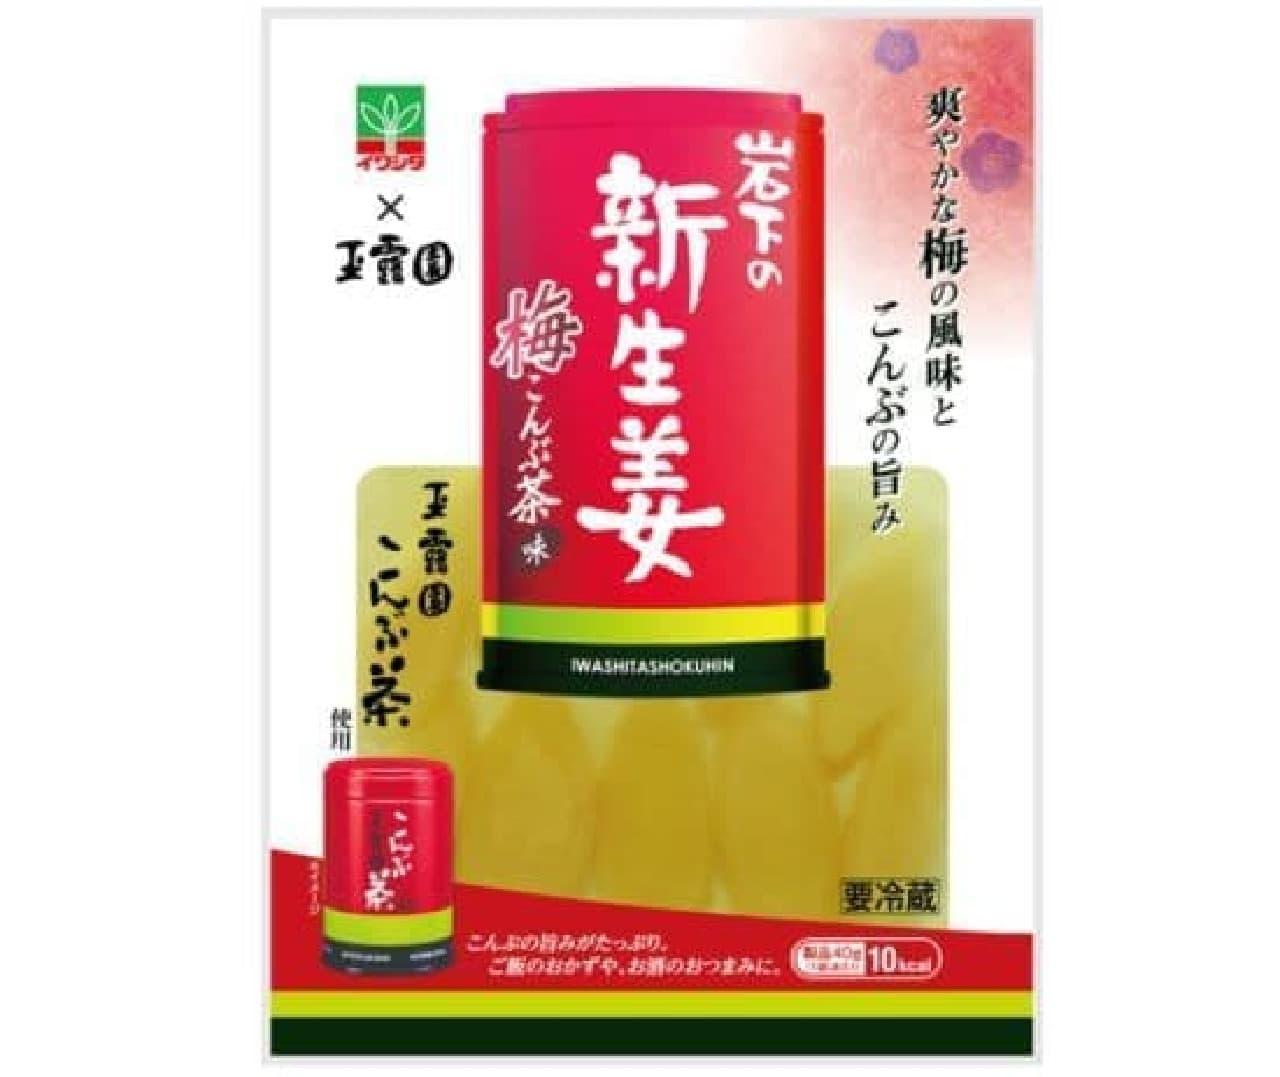 「岩下の新生姜 梅こんぶ茶味」は梅こんぶ茶の味をイメージした新生姜